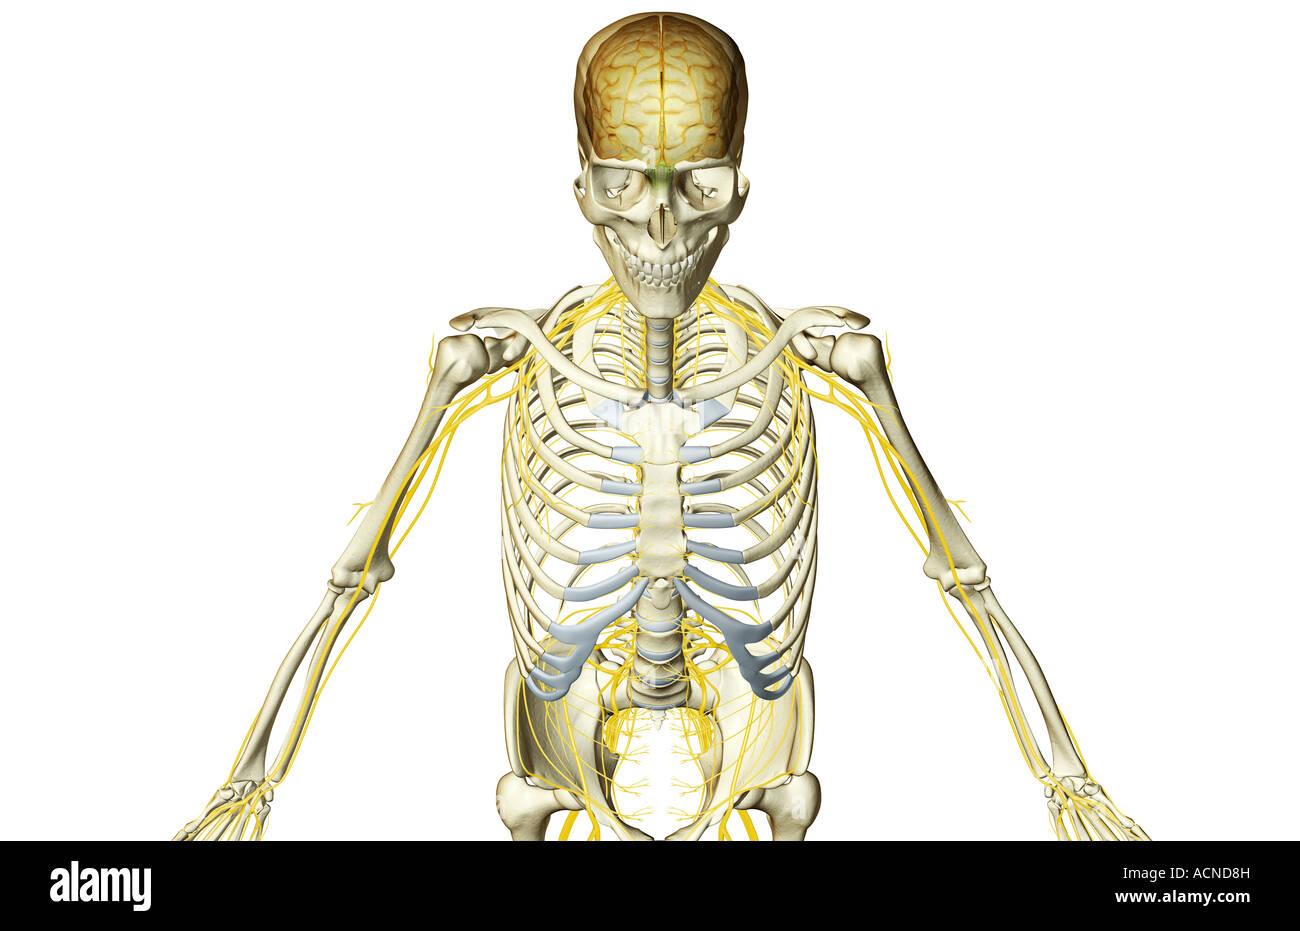 Die Nerven-Versorgung des Oberkörpers Stockfoto, Bild: 13197616 - Alamy